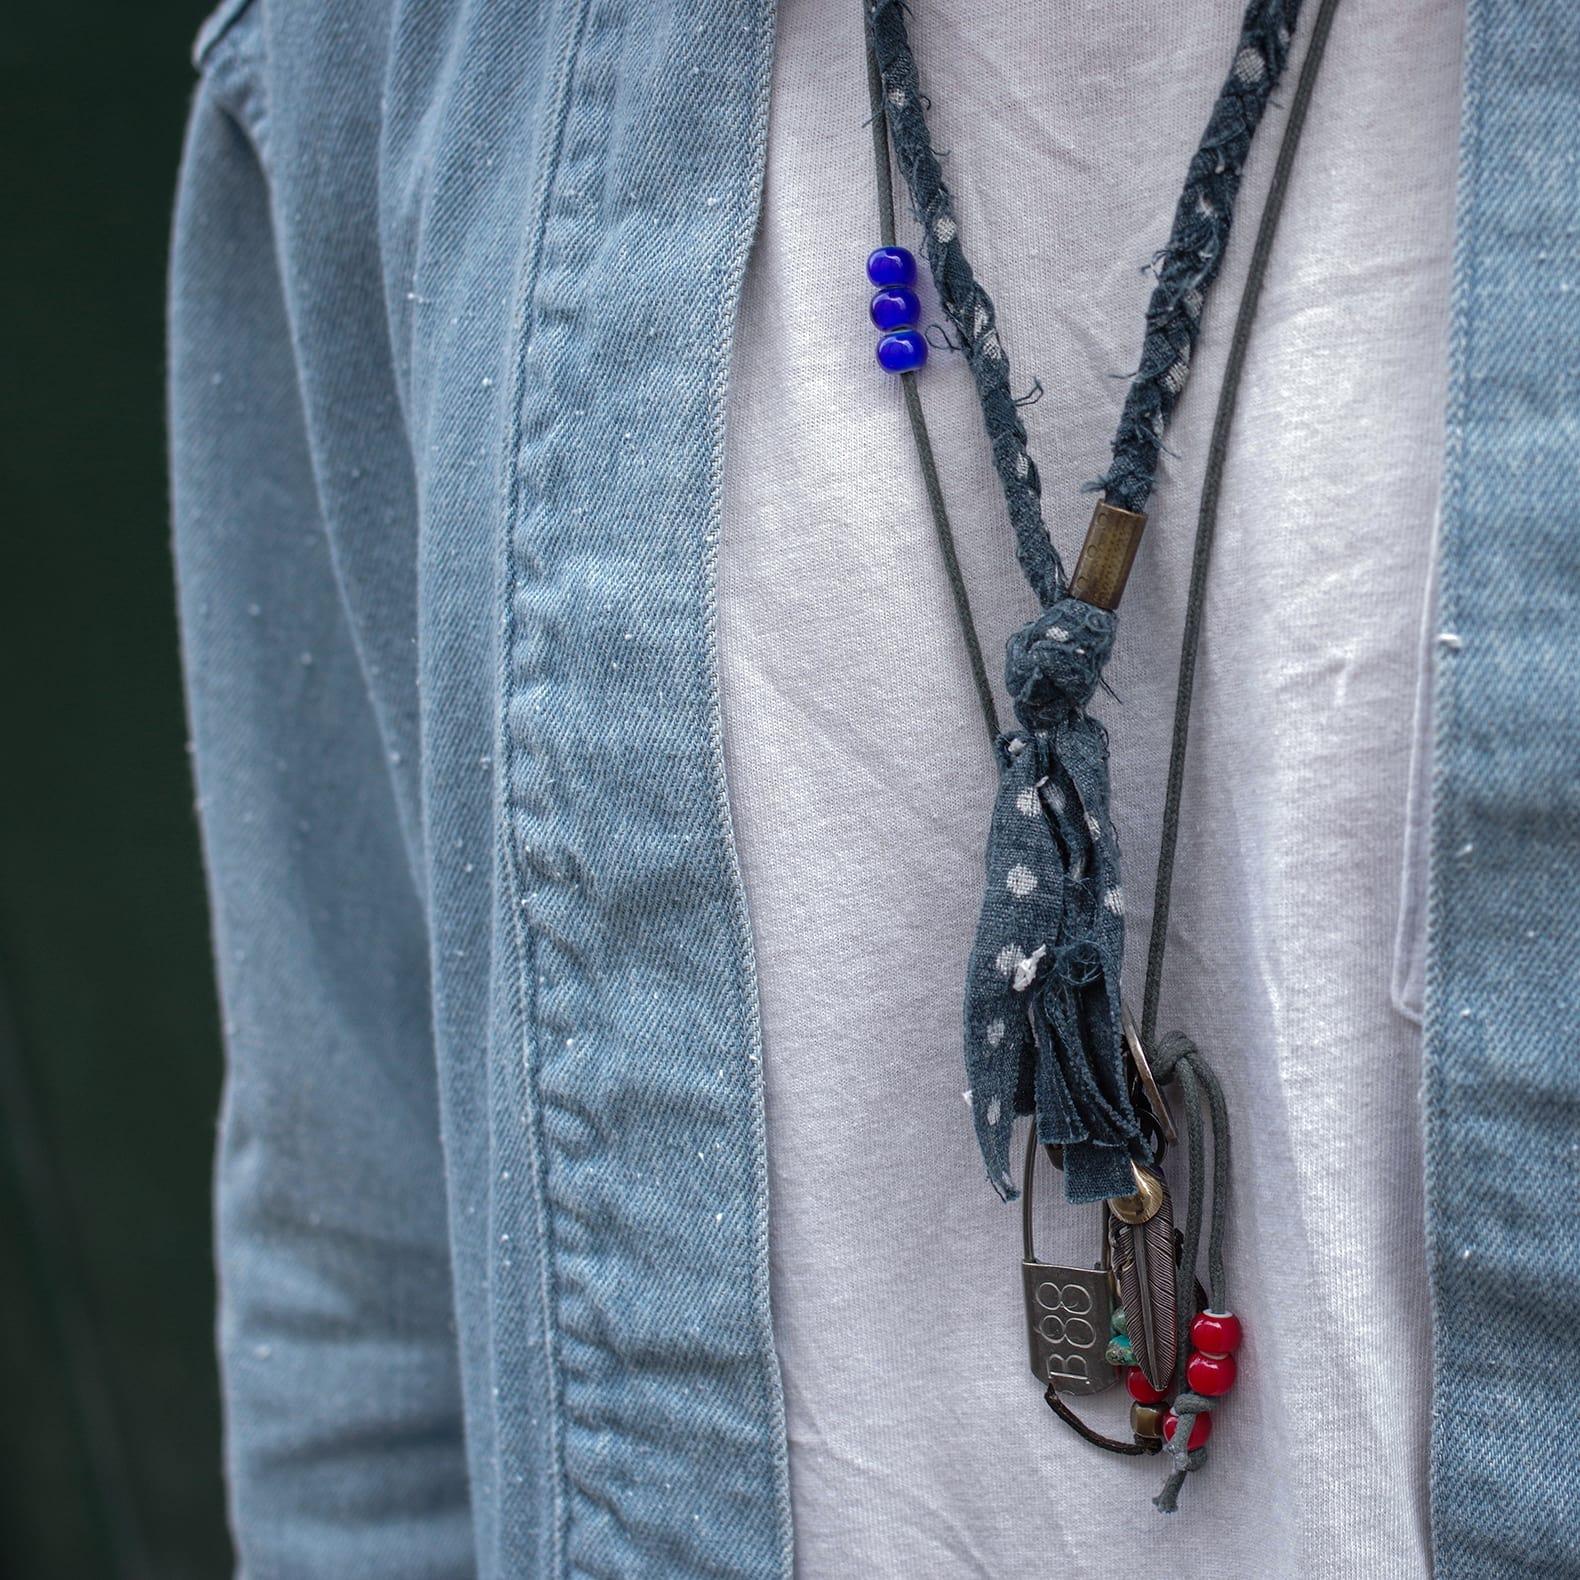 photos de collier en tissu et argent pour homme dans un stle japonais americana